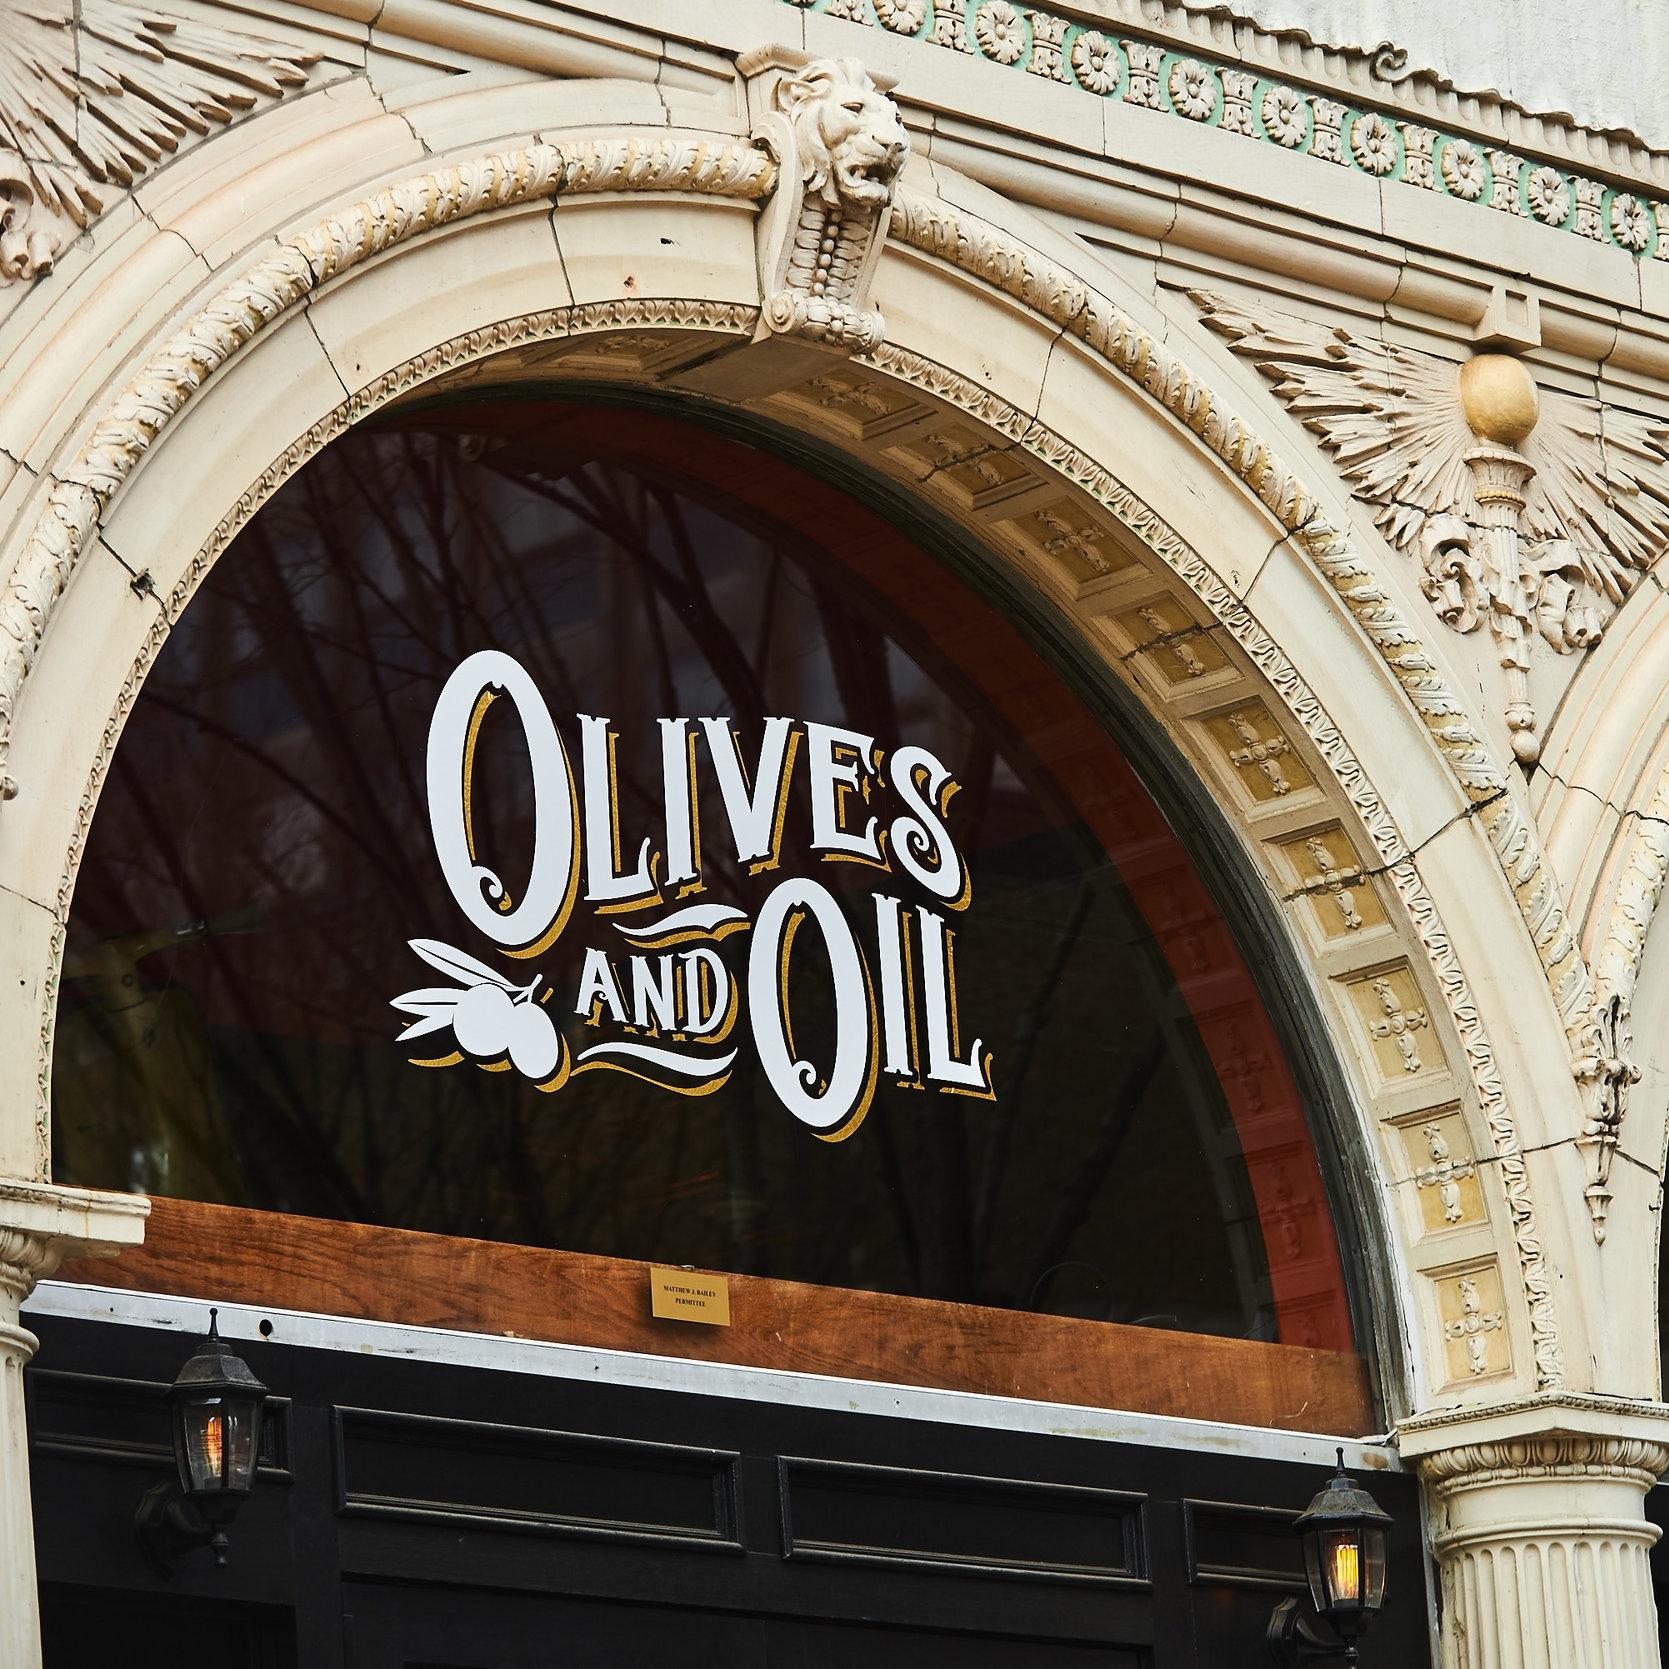 OlivesAndOil_447.jpg